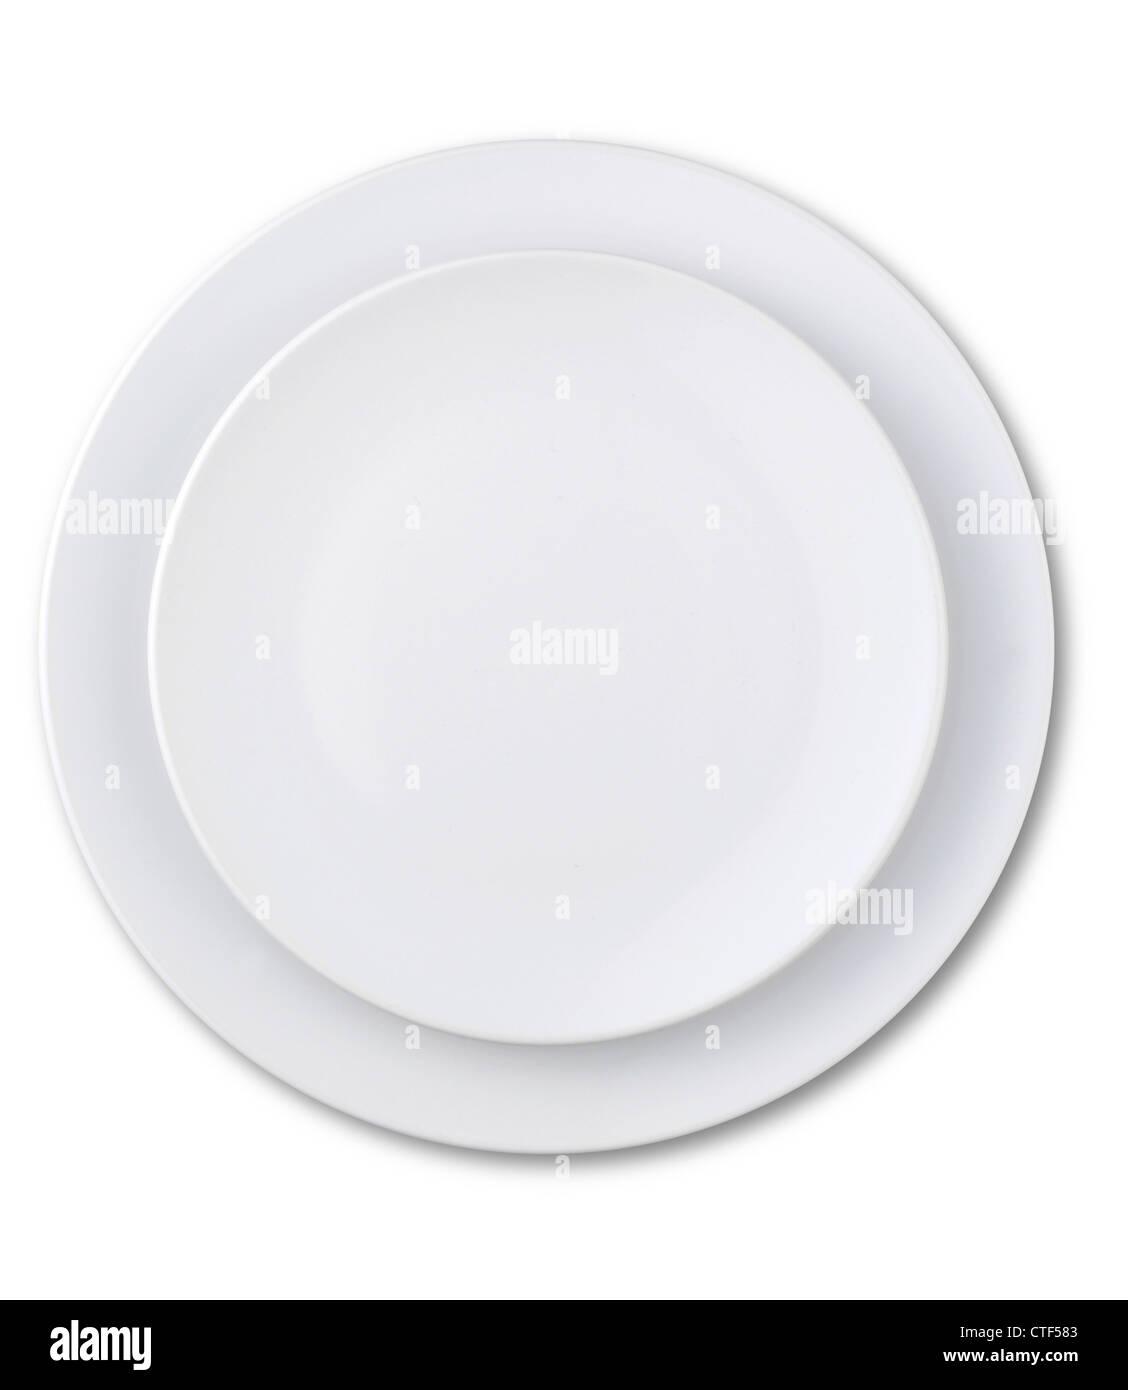 Una vista aérea de una placa vacío aislado en blanco con un trazado de recorte Imagen De Stock